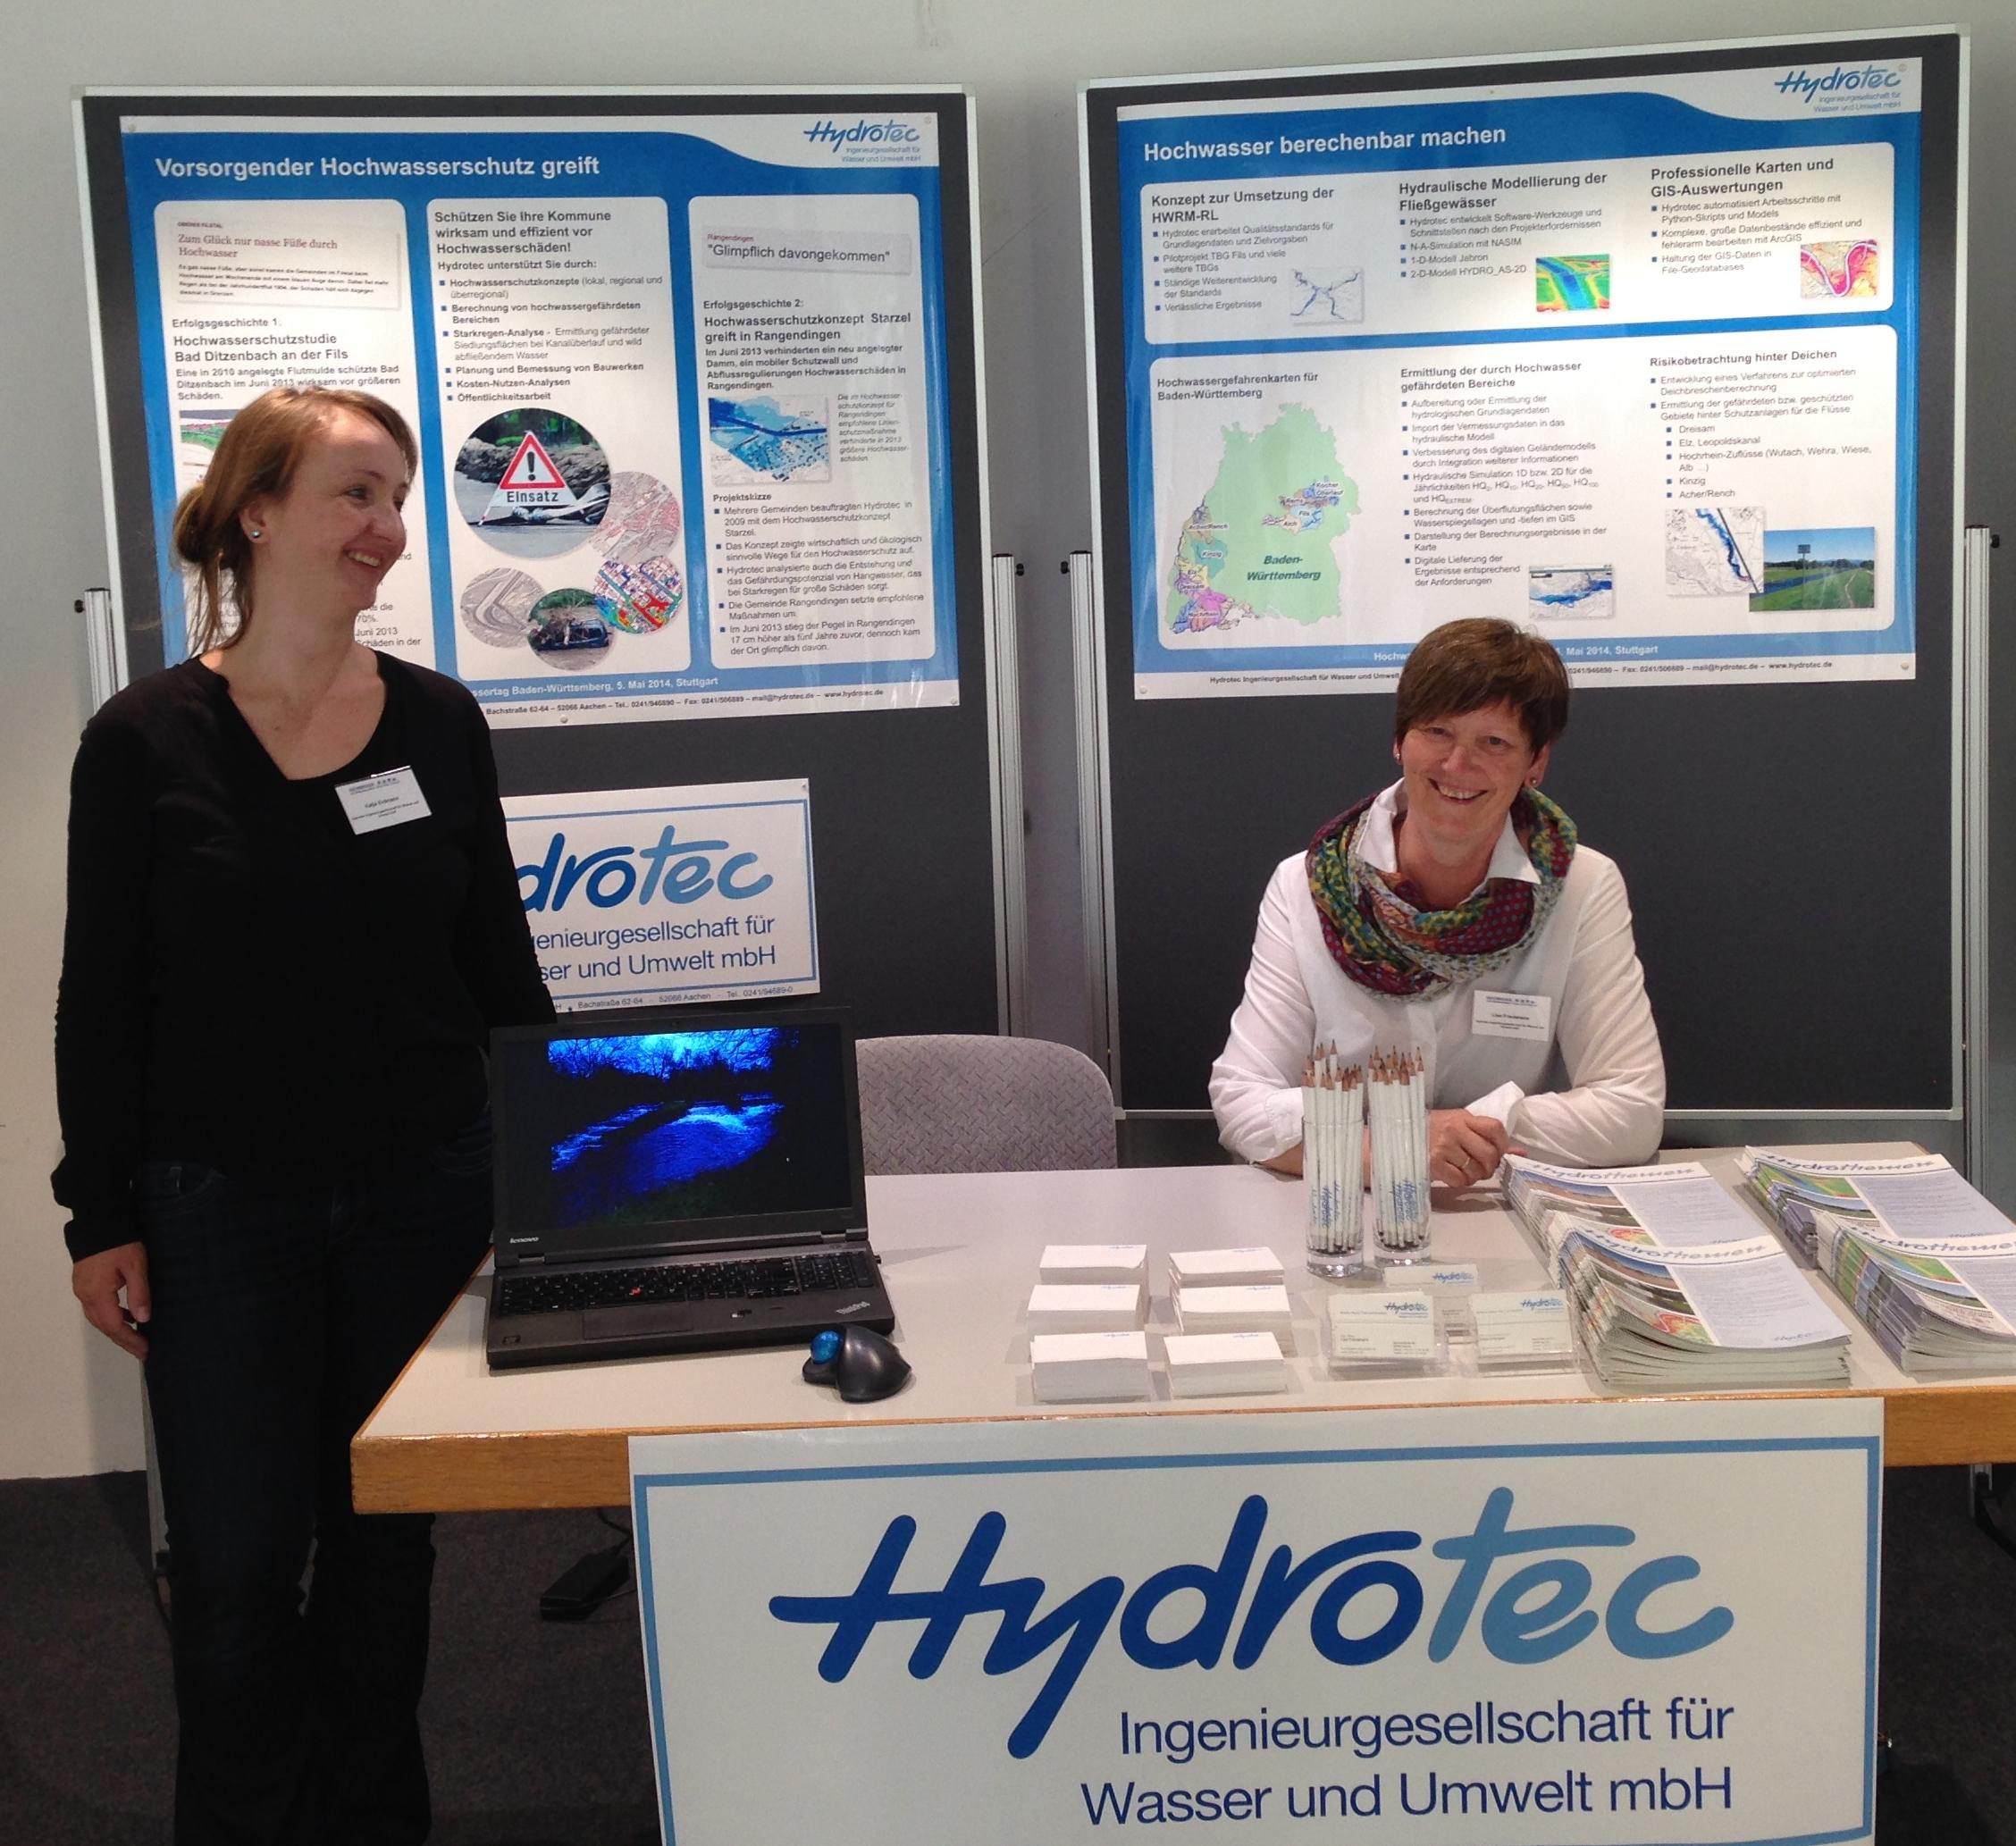 5. Mai 2014: Hochwassertag Baden-Württemberg - Zahlreiche Besucher am Hydrotec-Stand!